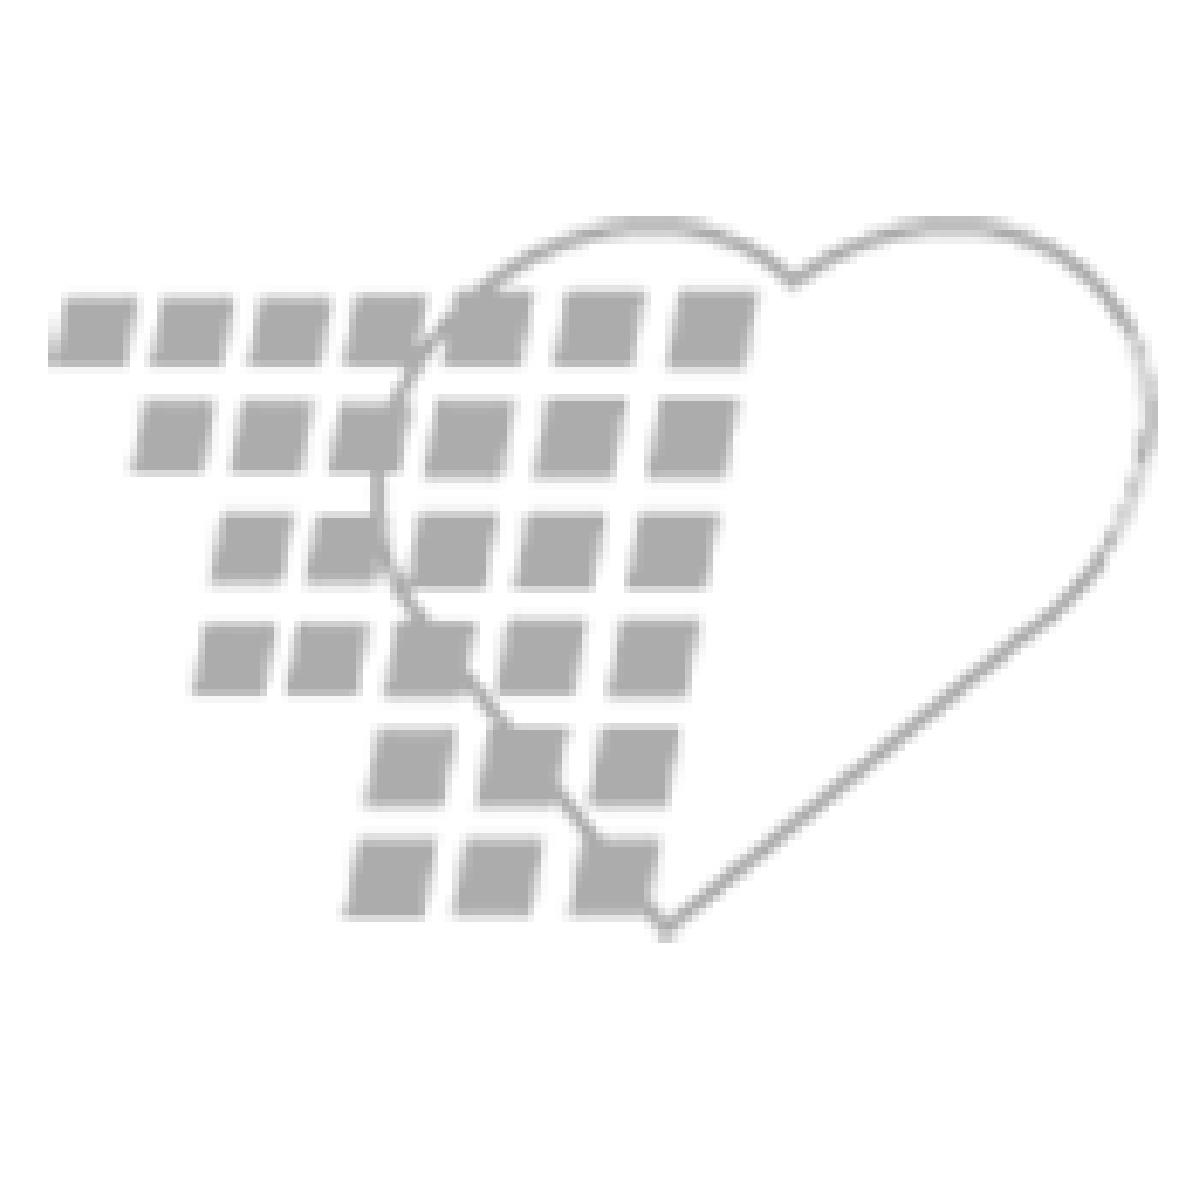 06-93-6917 - Demo Dose® Intropn DOPamin HCI 40mg/mL 10mL